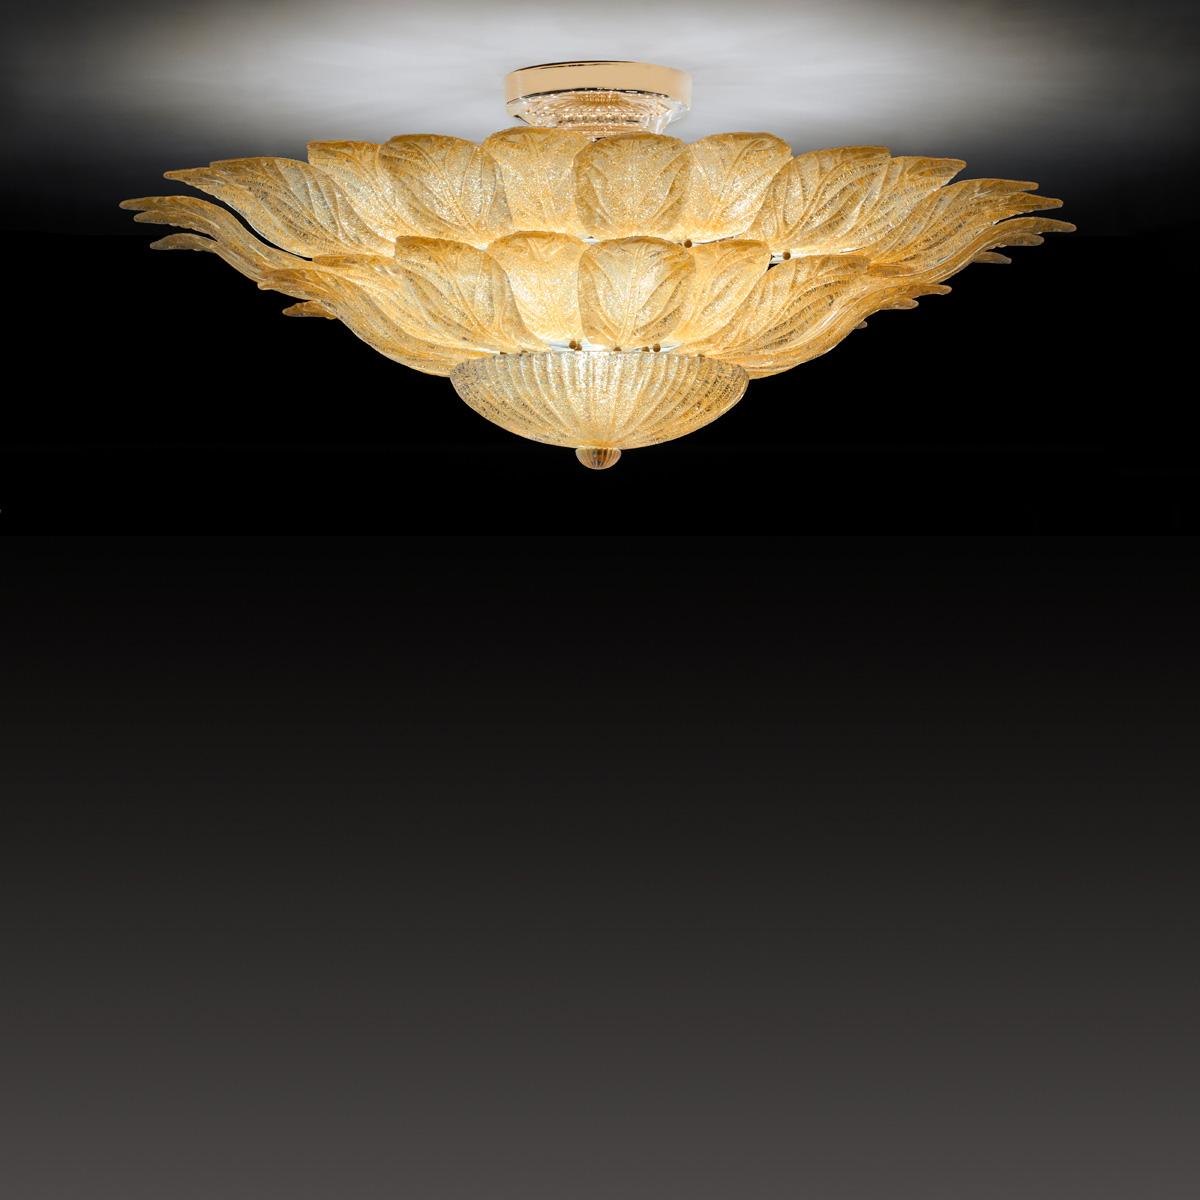 Εντυπωσιακό κλασικό φωτιστικό ημιοροφής STELLA impressive classical light fixture